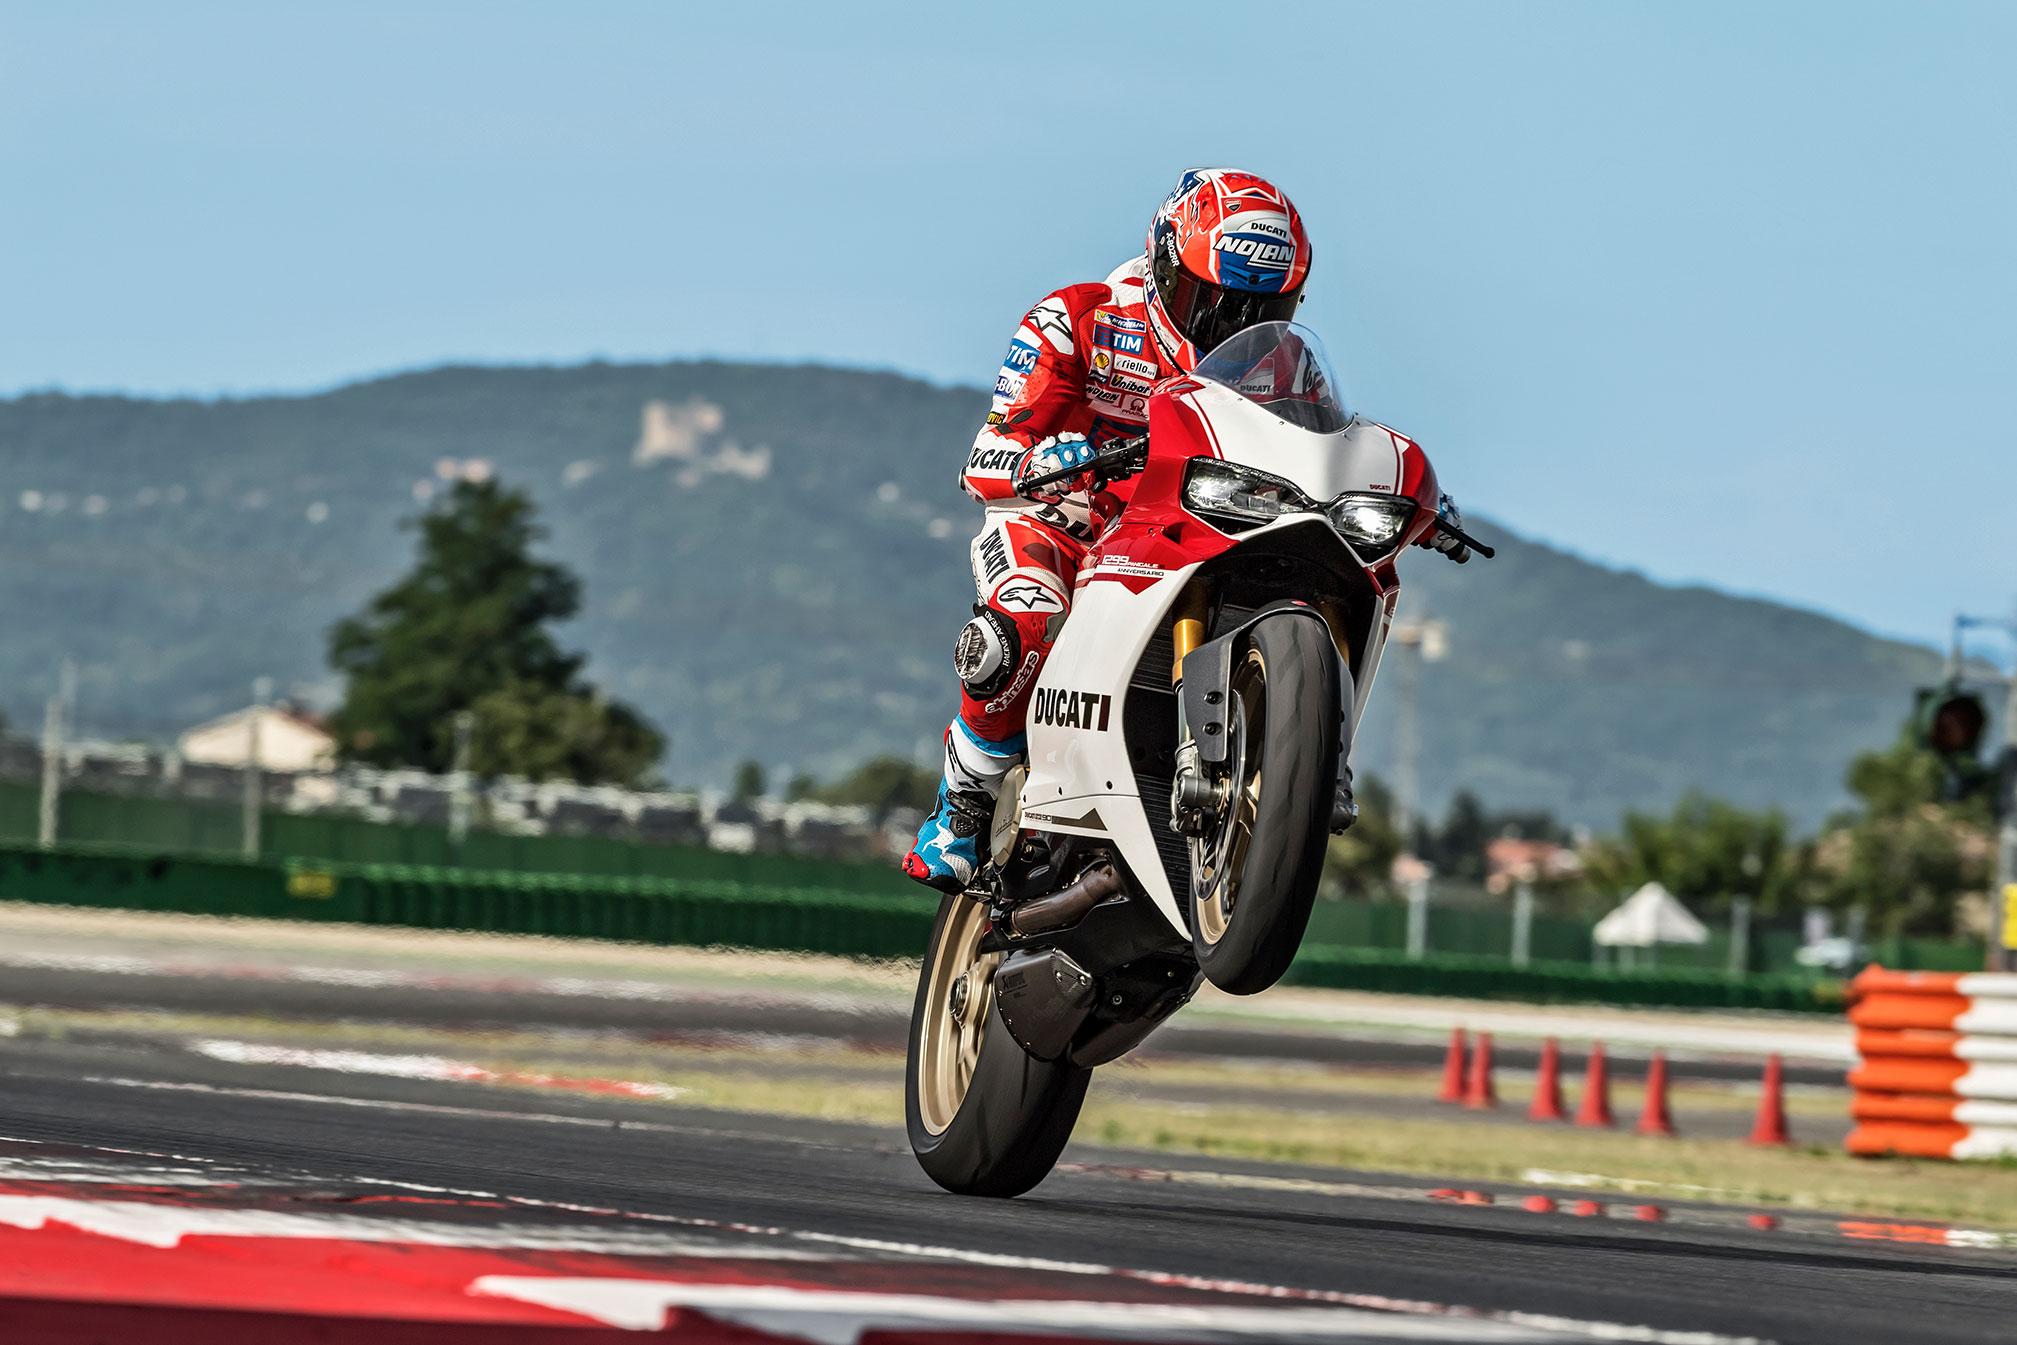 2017 Ducati 1299 Panigale S Anniversario HD Wallpaper